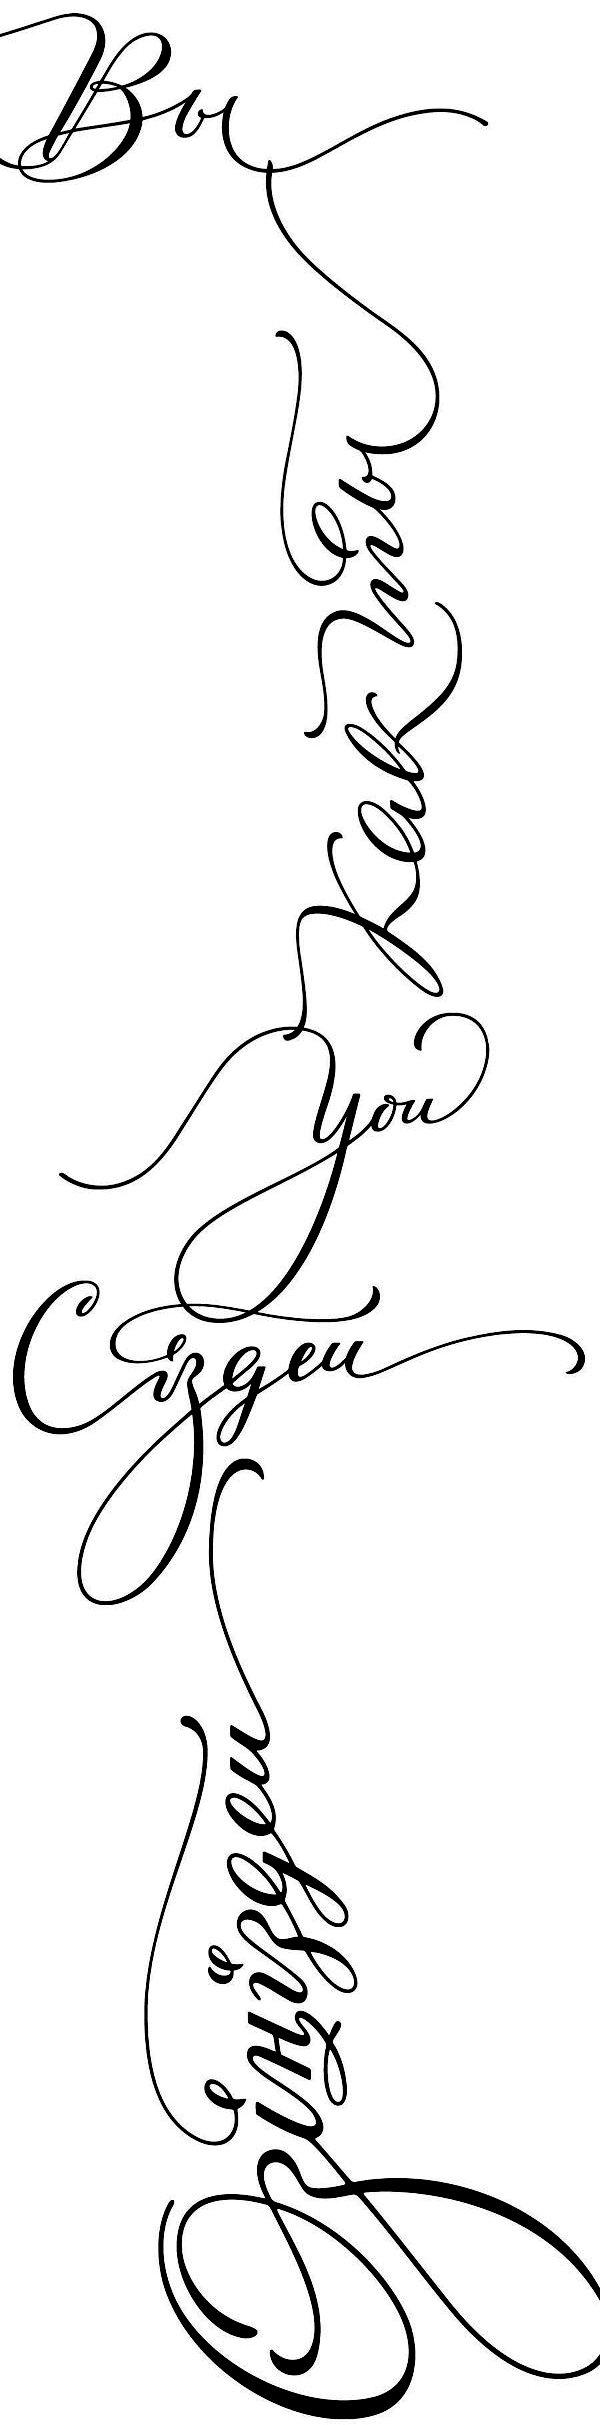 Amazing #typography #calligraphy by Marina Marjina ♥